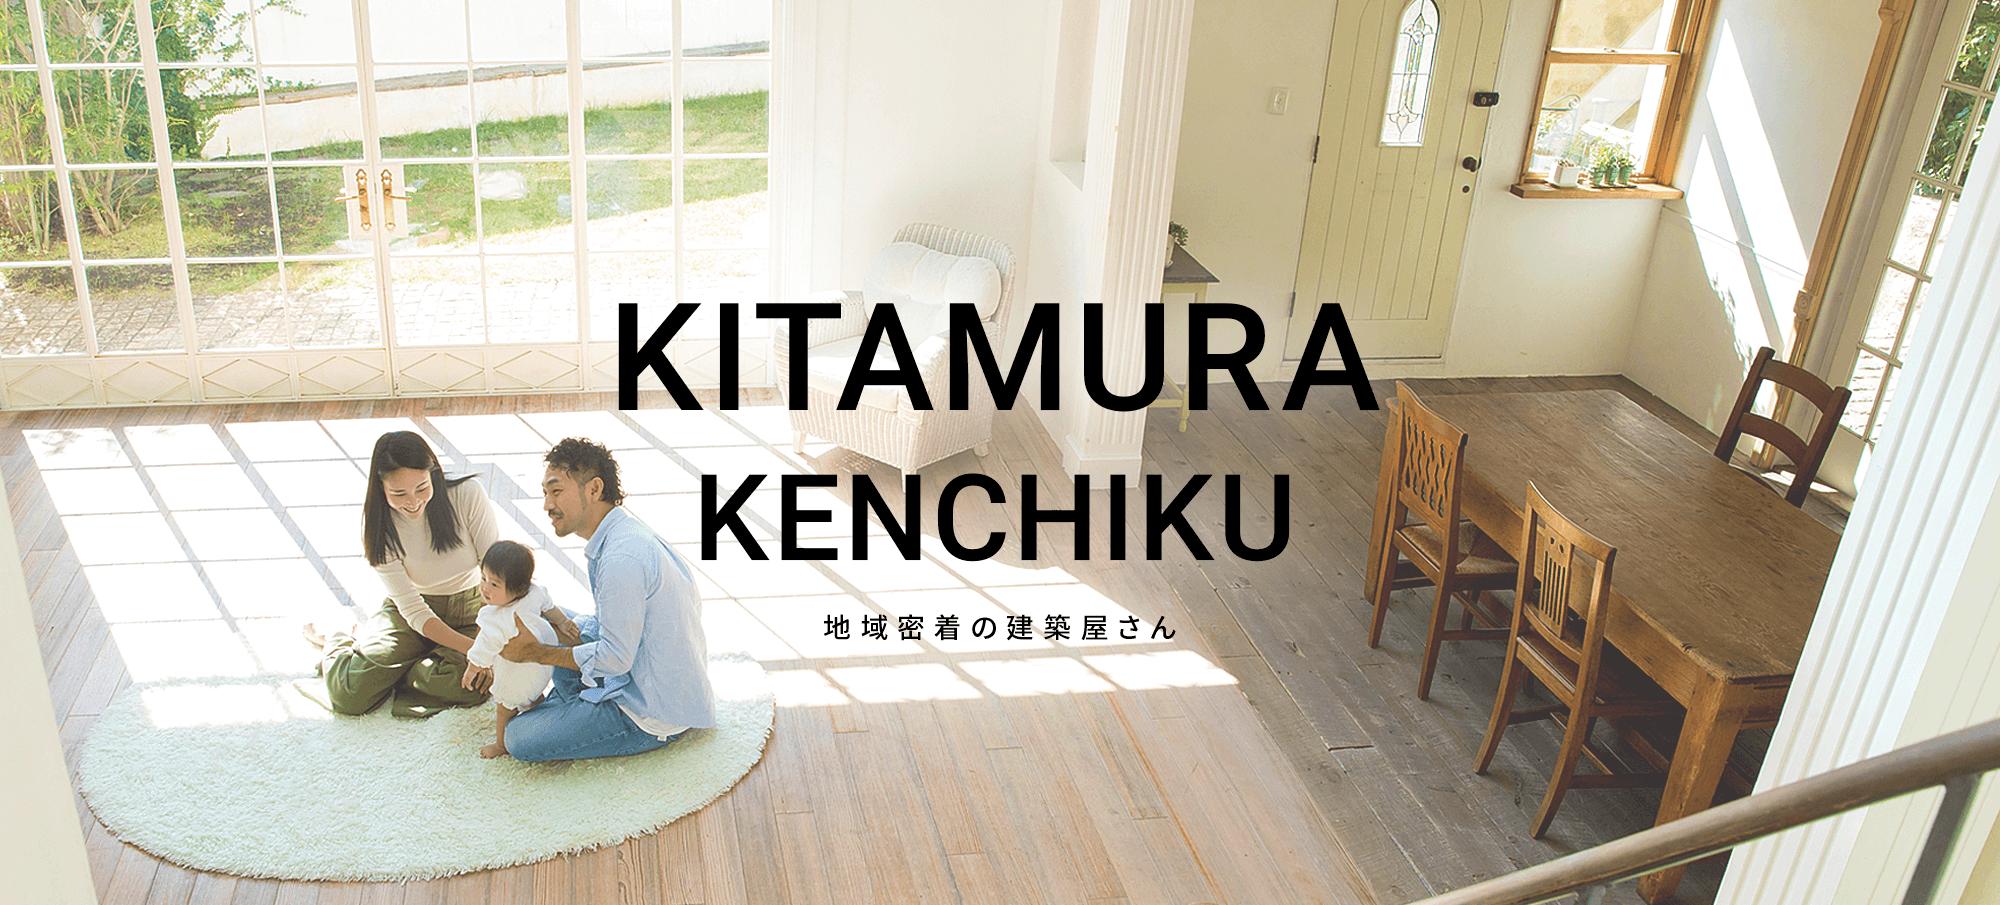 KITAMURA KENCHIKU 地域密着の建築屋さん